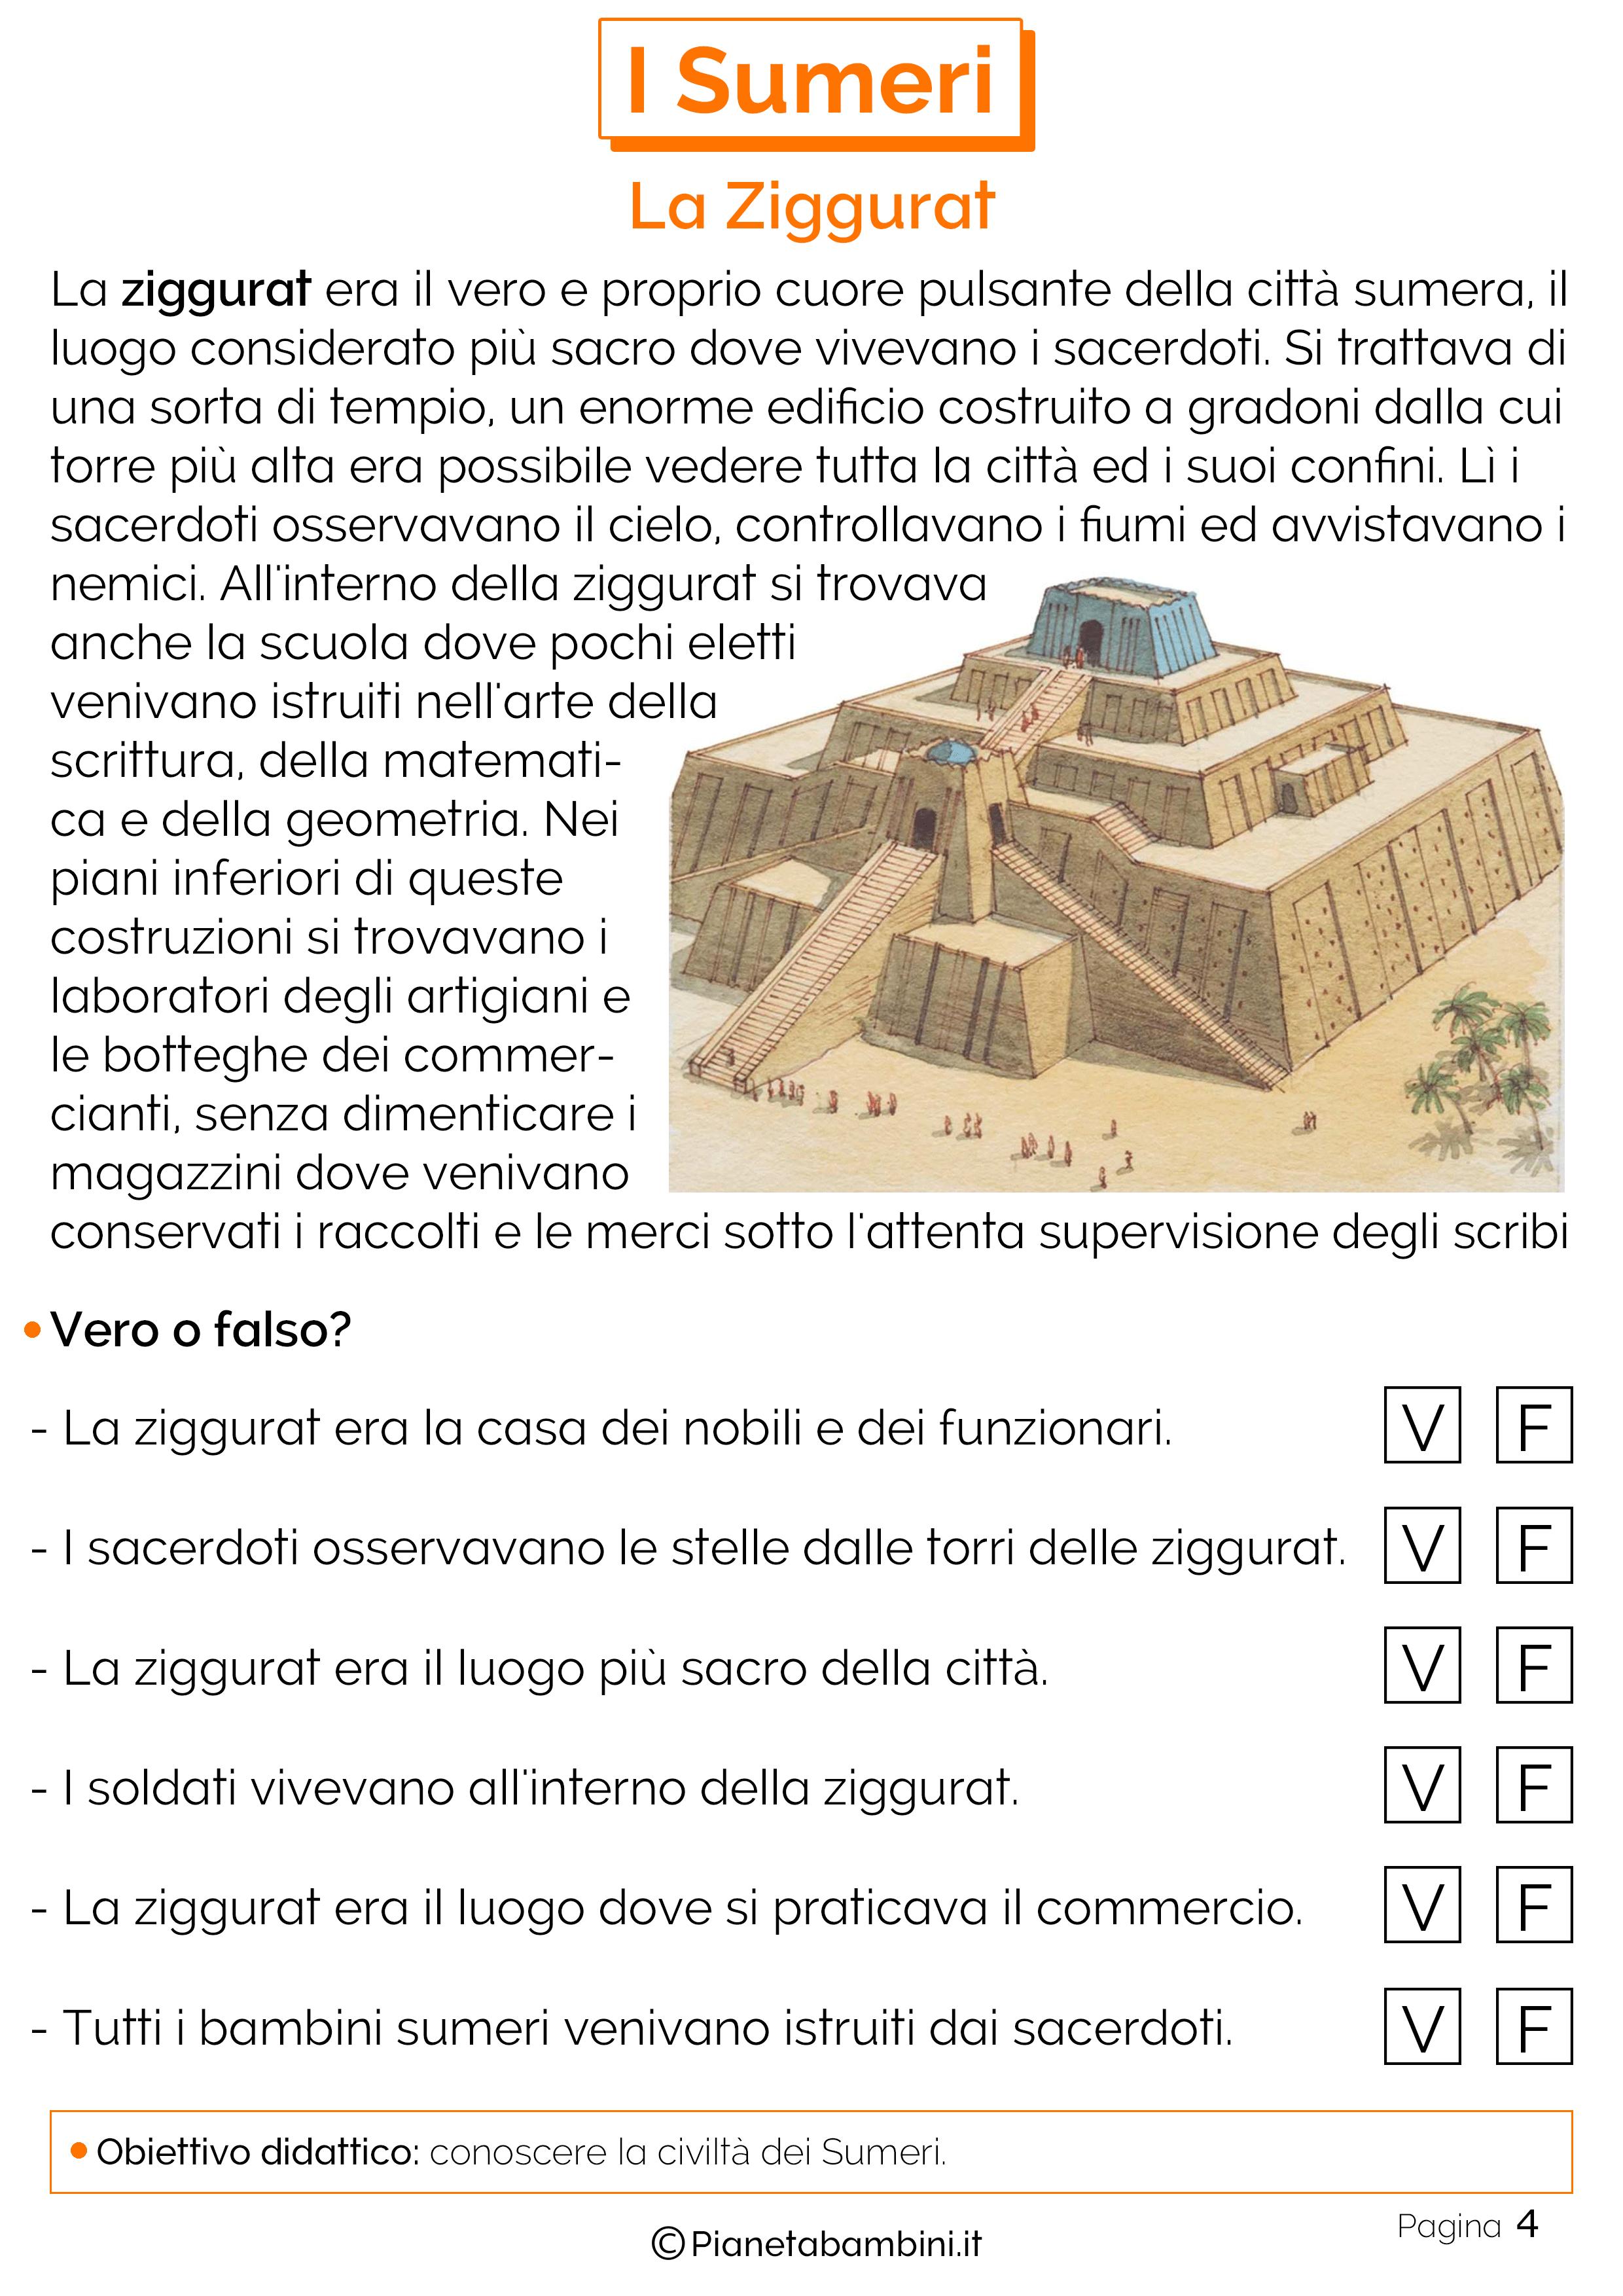 Schede didattiche sulla ziggurat